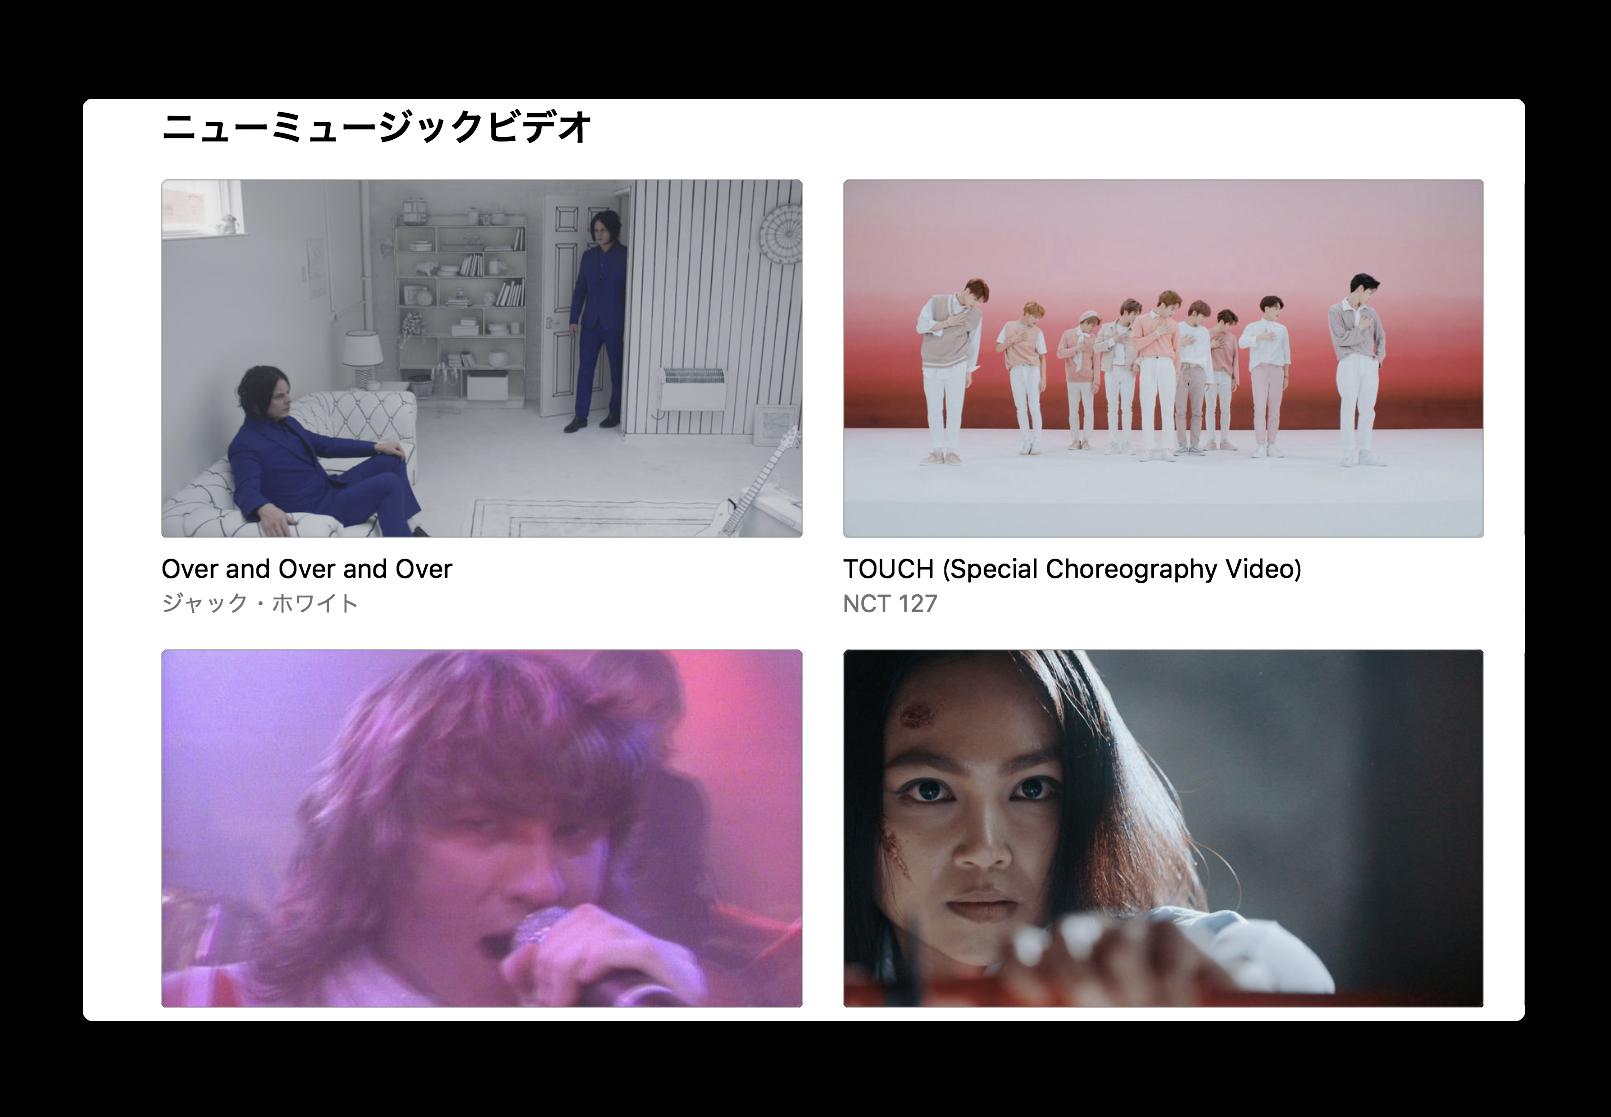 Apple Musicに「ミュージックビデオ」セクションが追加されています